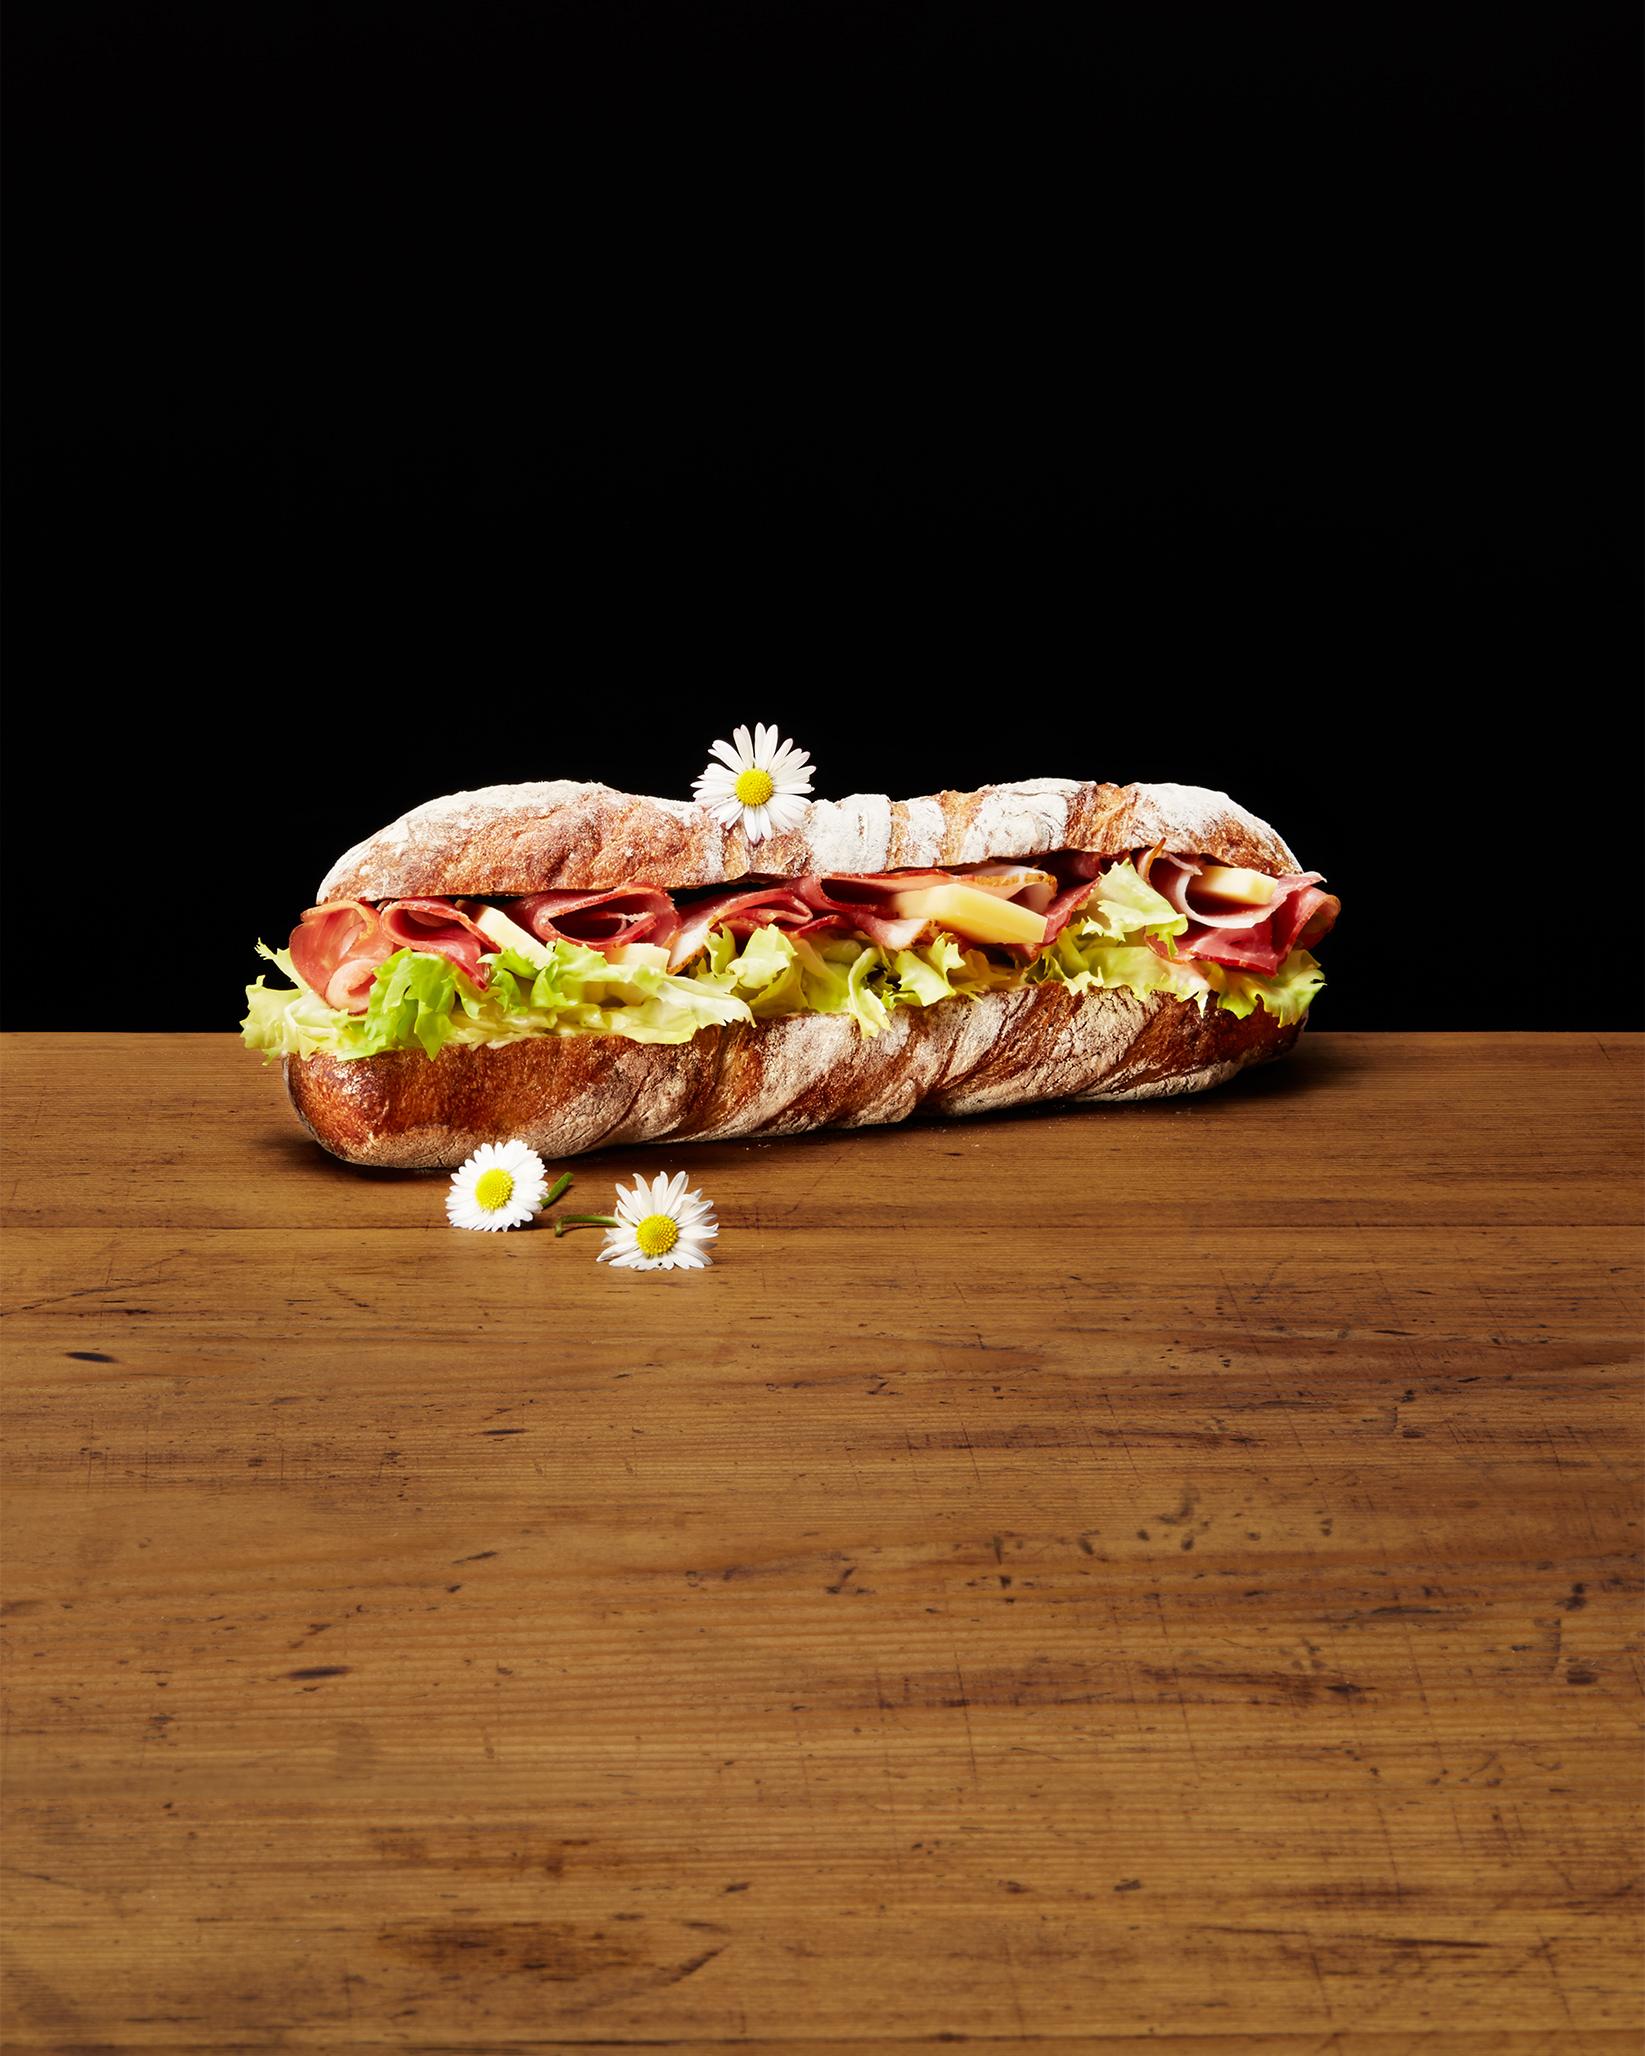 Sandwich mit Schinken, Käse und Salat